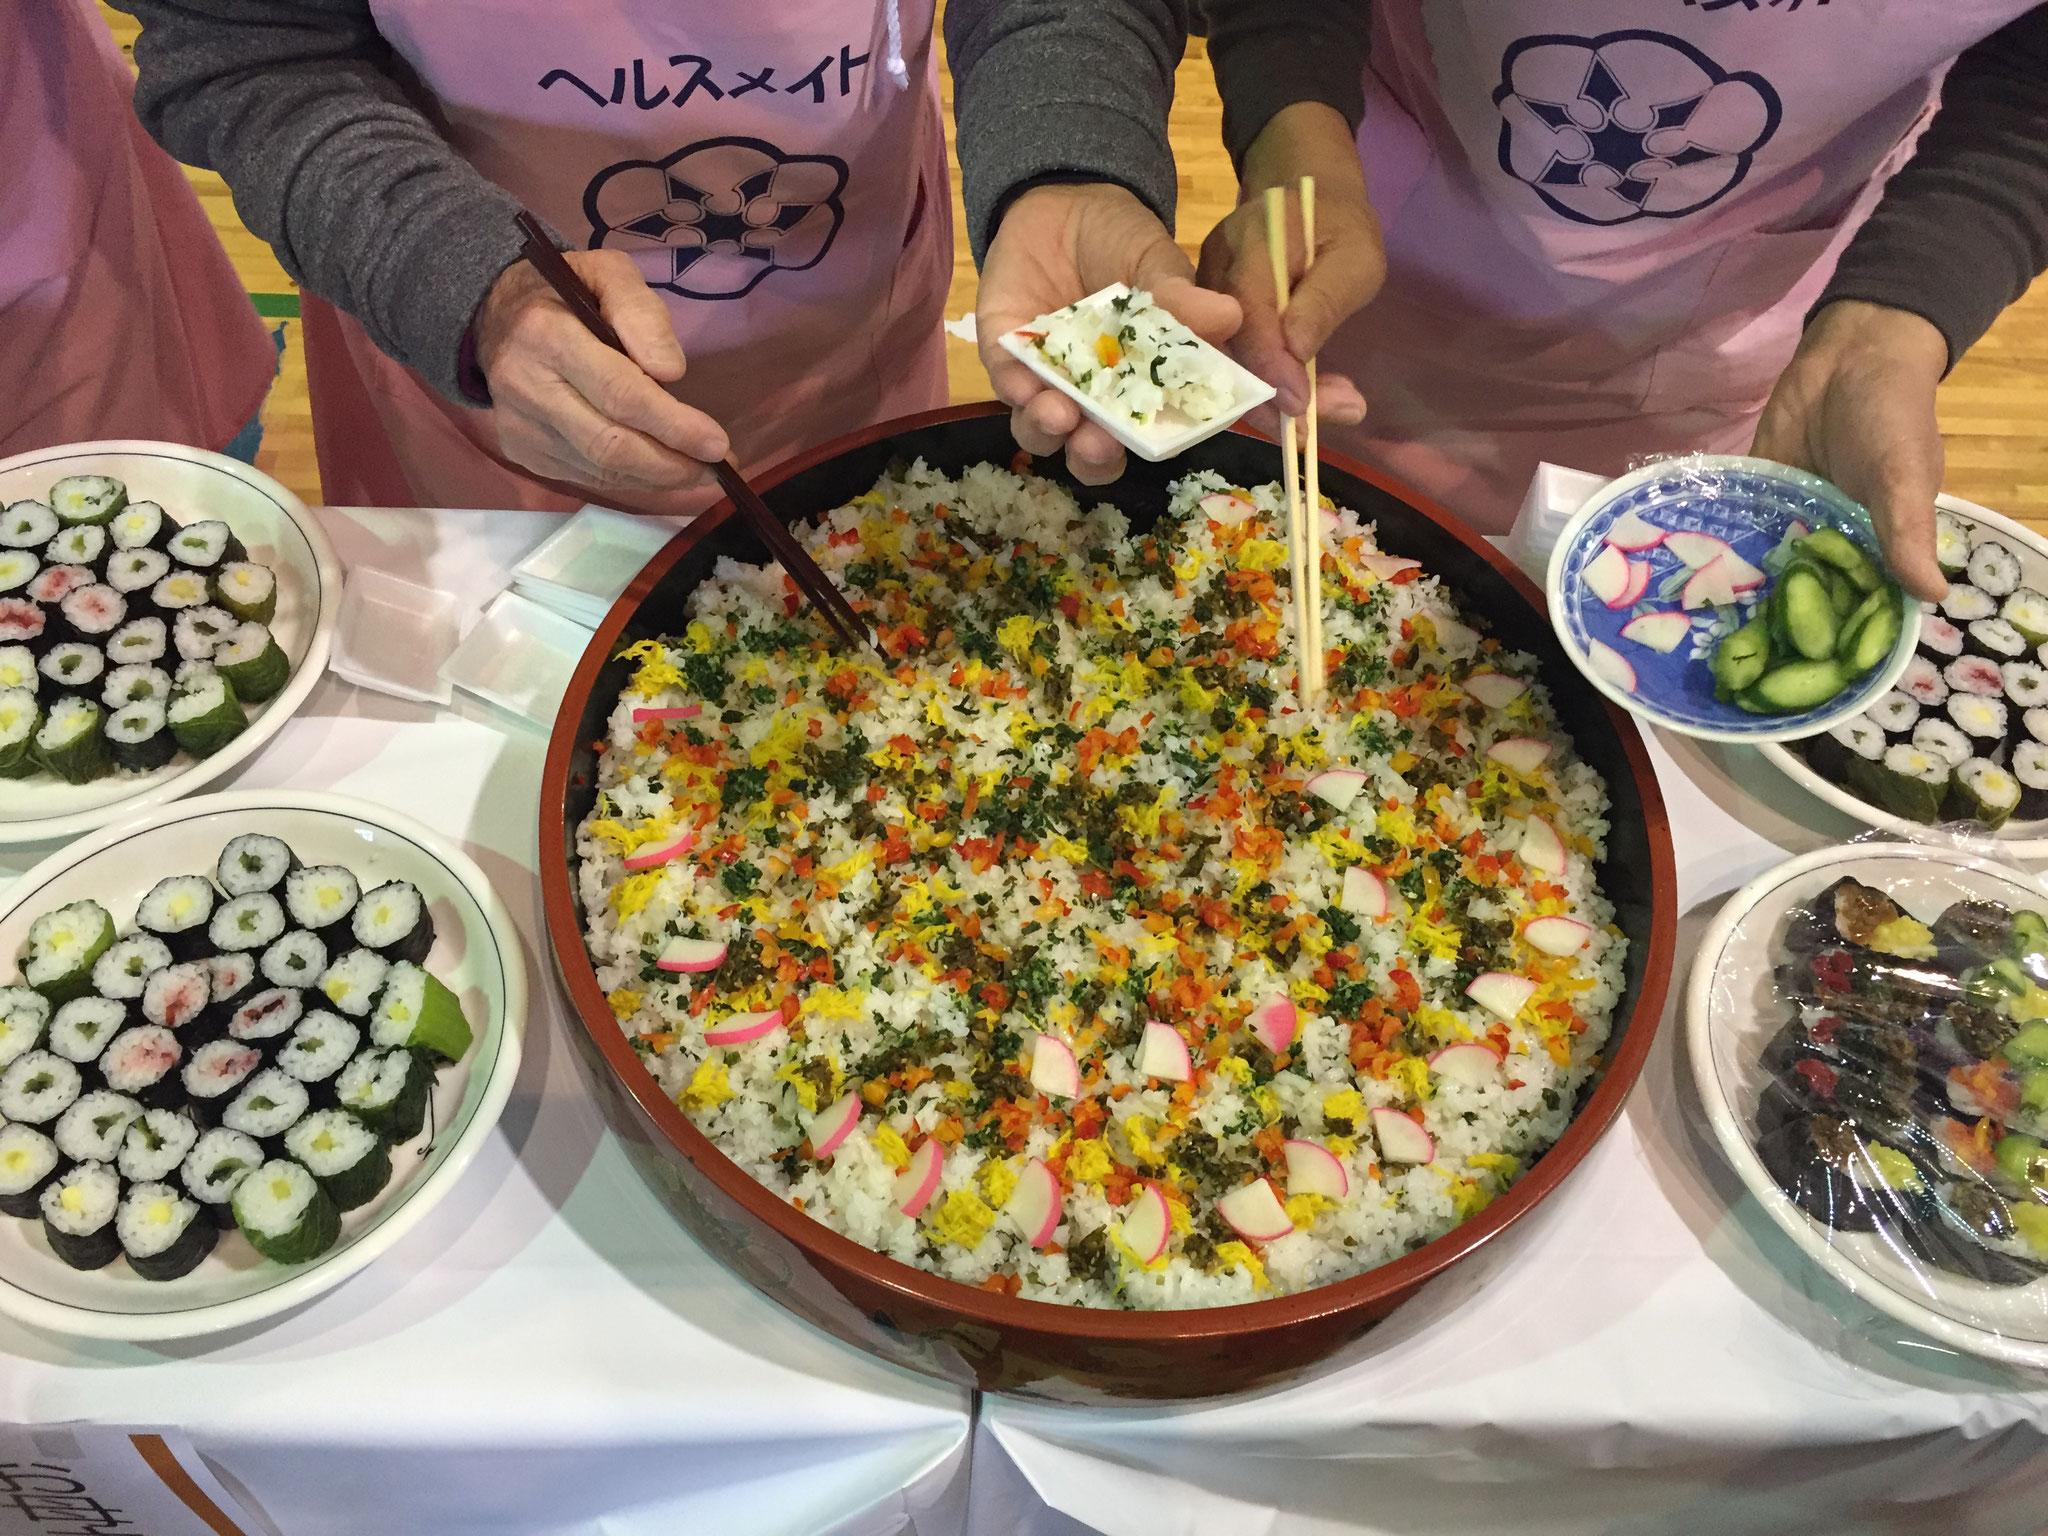 漬物だけとは思えない、彩りの良い、あざやかなちらし寿司が完成!さっぱりとした風味で、とっても美味しかったです。